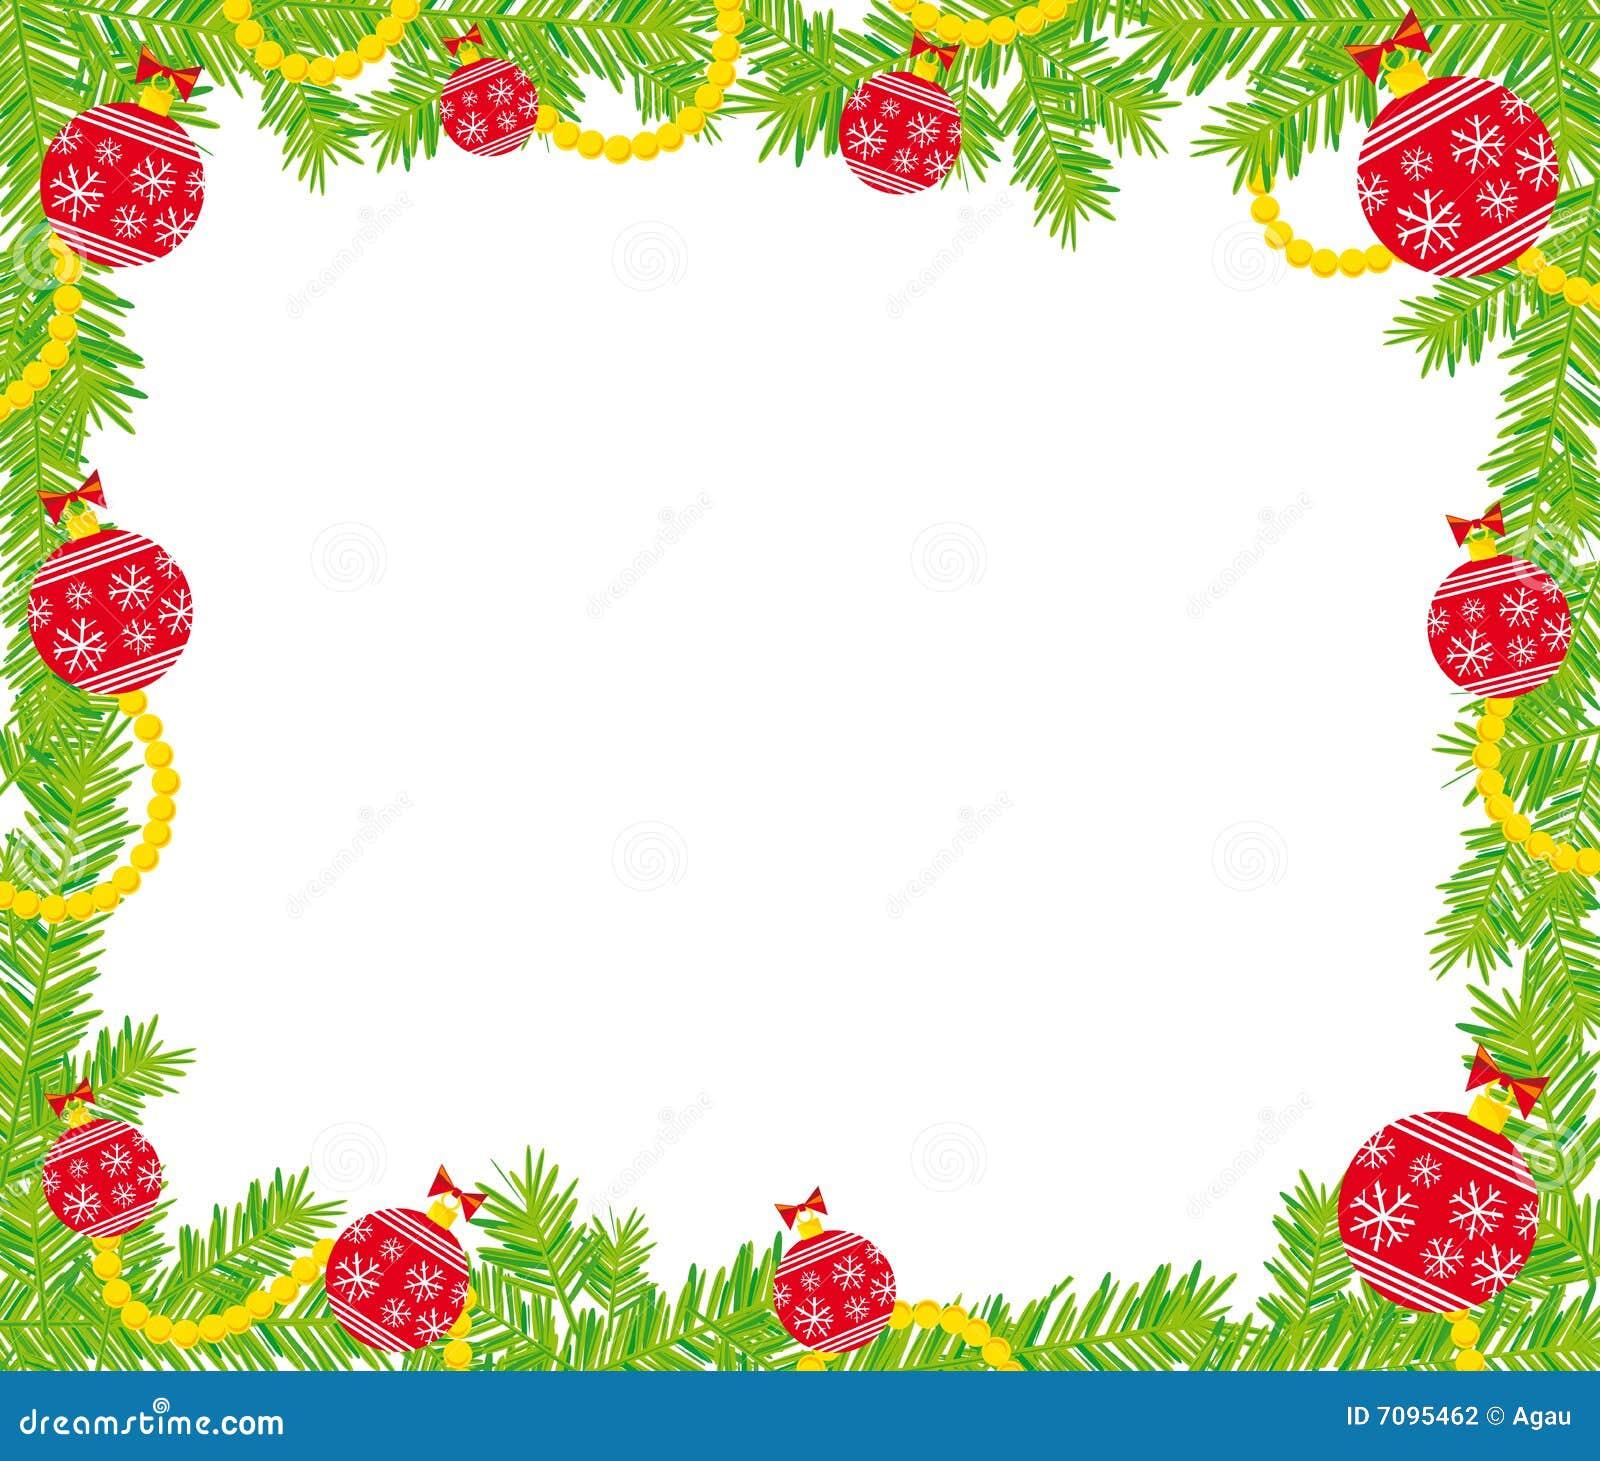 Het frame van Kerstmis vector illustratie. Afbeelding ...